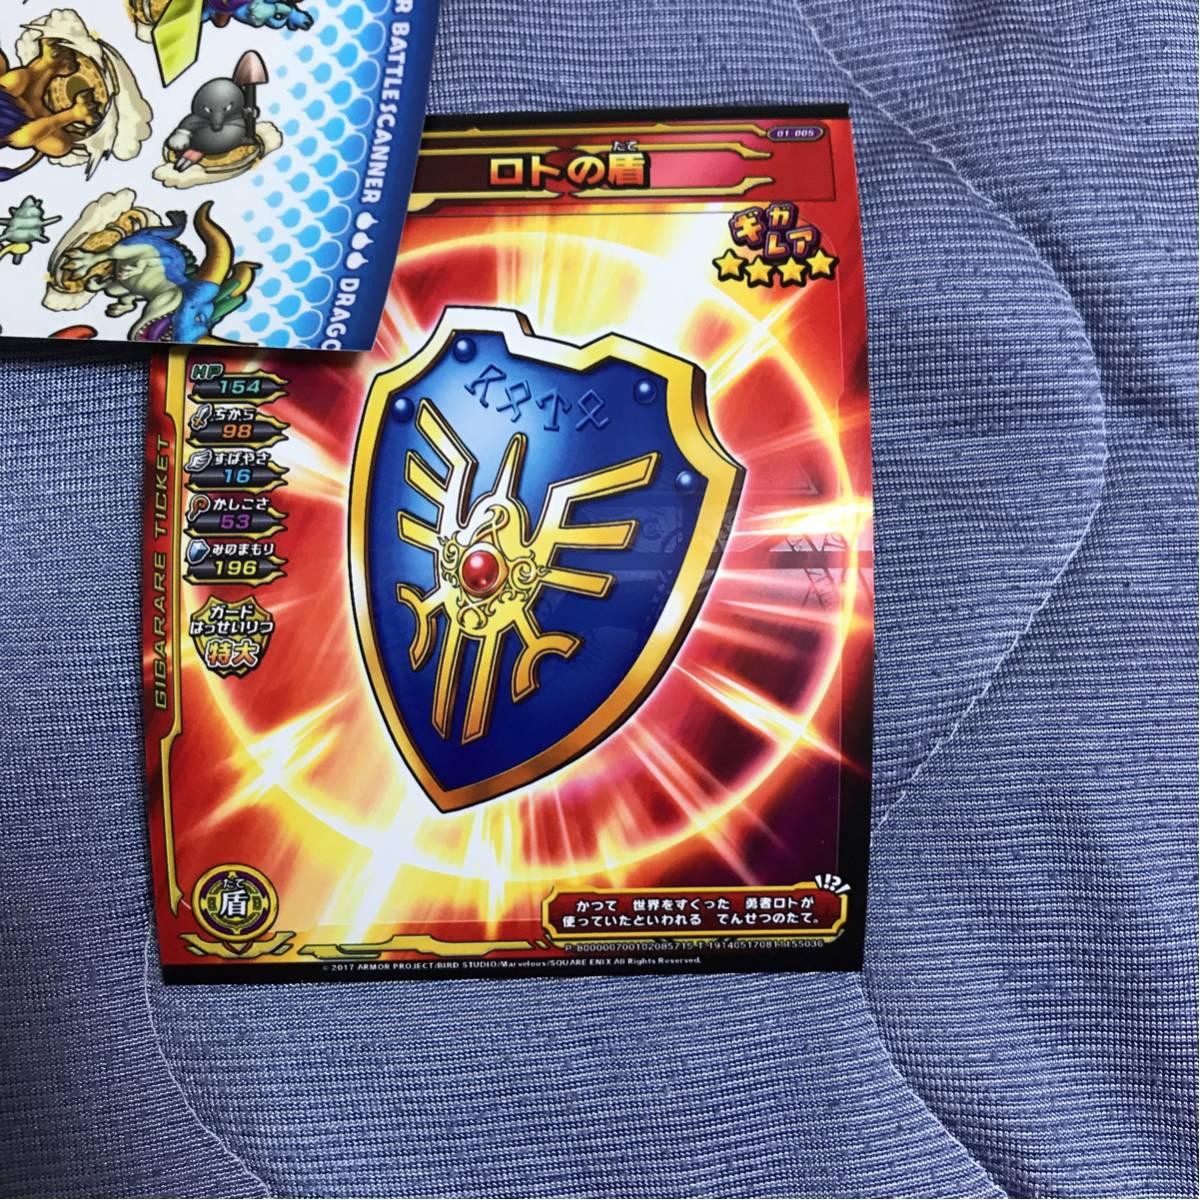 ドラゴンクエスト 戦え スキャンバトラーズ 装備品 ギガレア ロトの盾 ガード率特大 レベル91 大会必須 アイテム グッズの画像